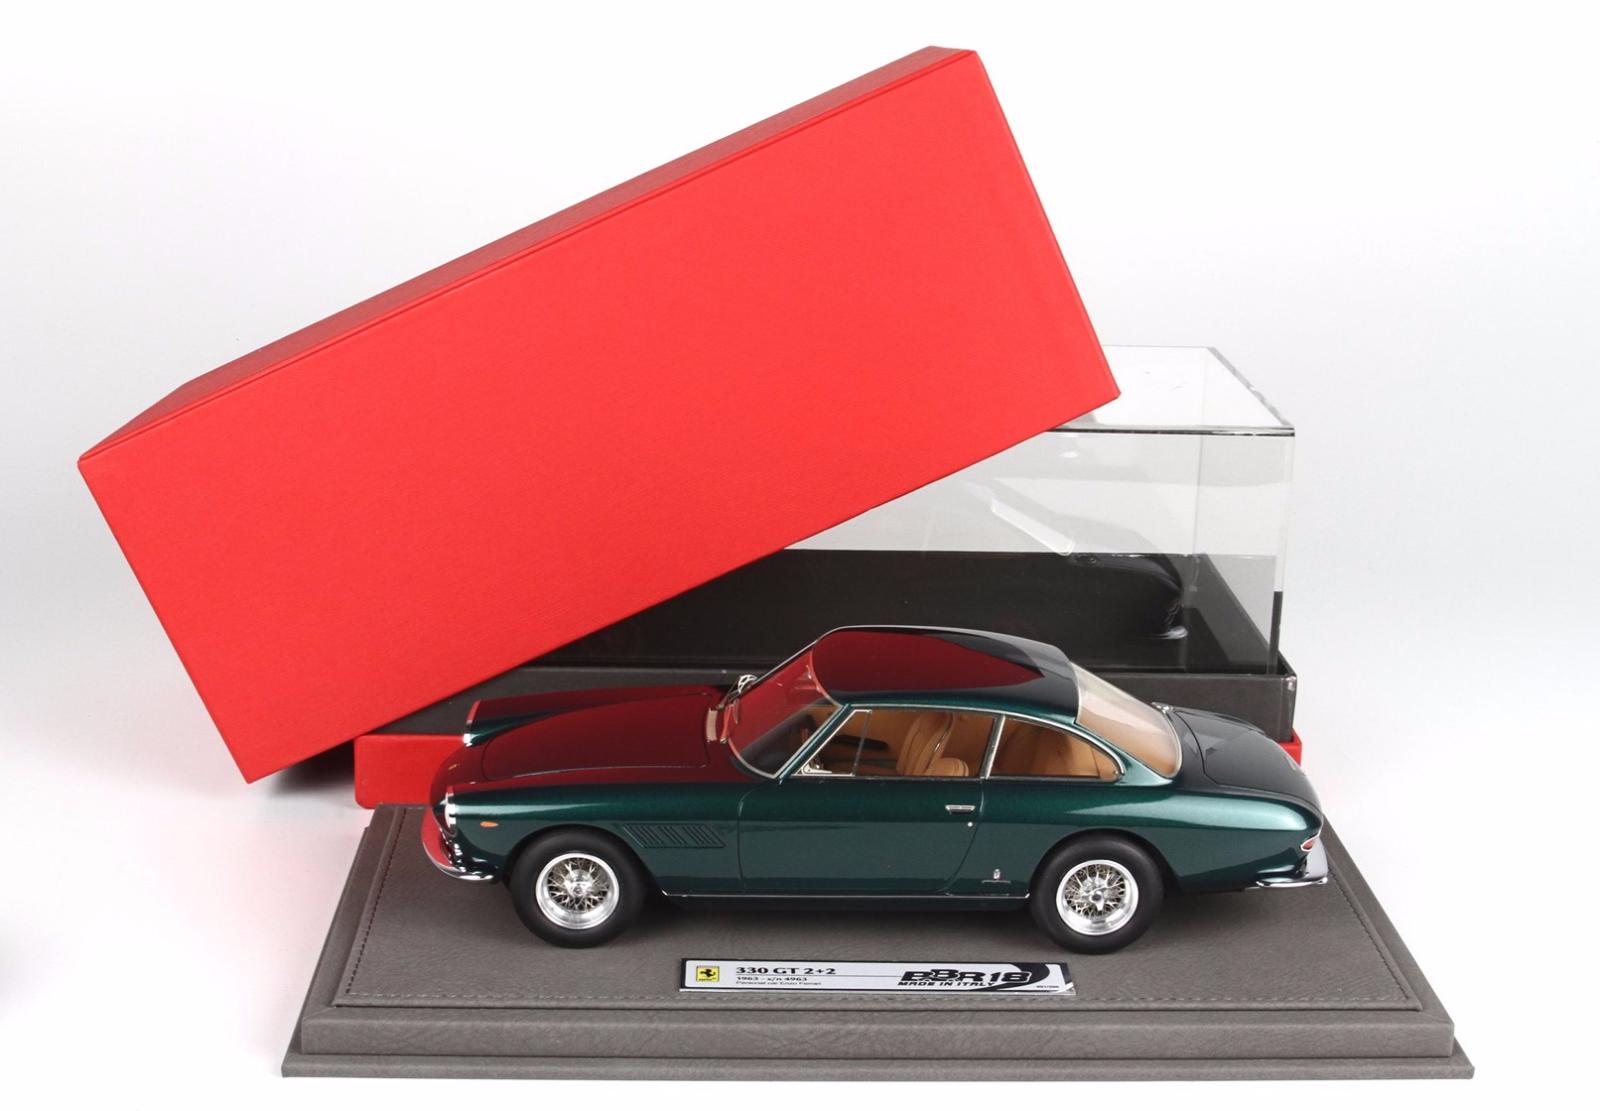 Bbr 1963 Ferrari 330 Gt 2 + 2 Pers Voiture Enzo le de 200 1 18 Neuf